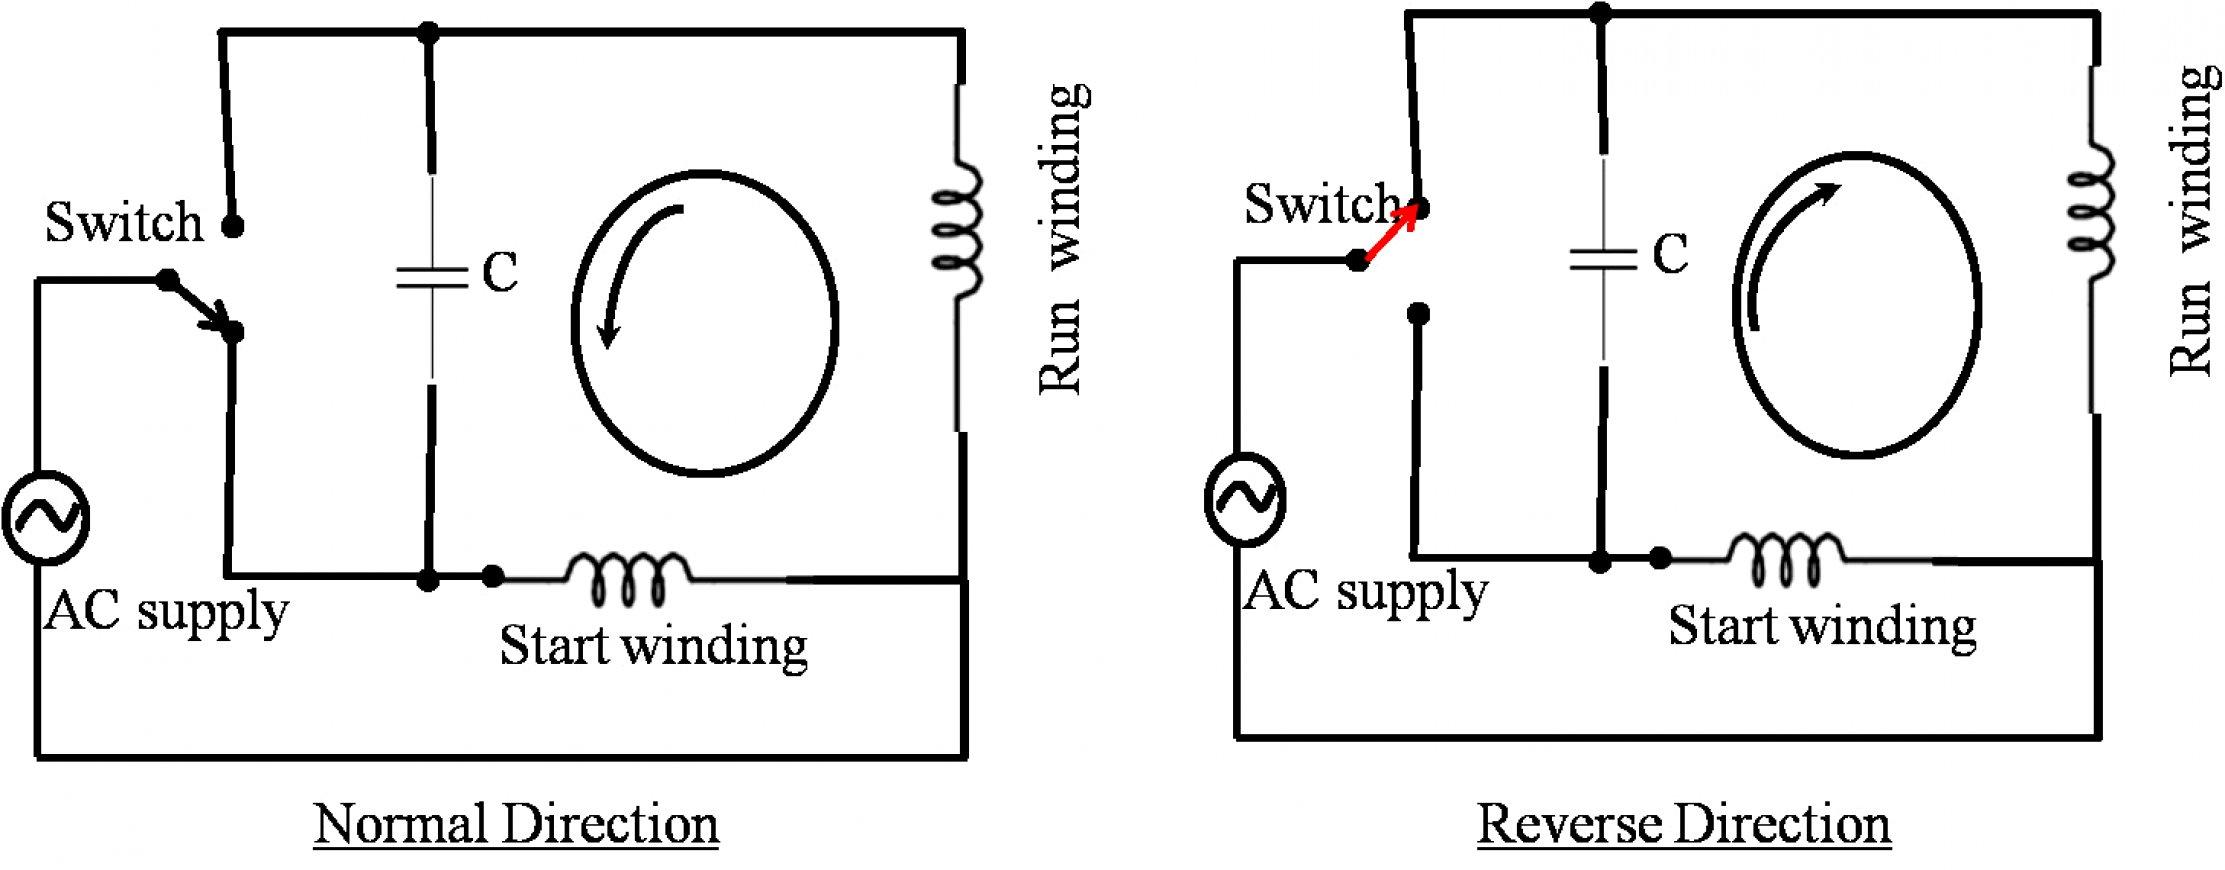 Reversing Single Phase Motor Wiring Diagram